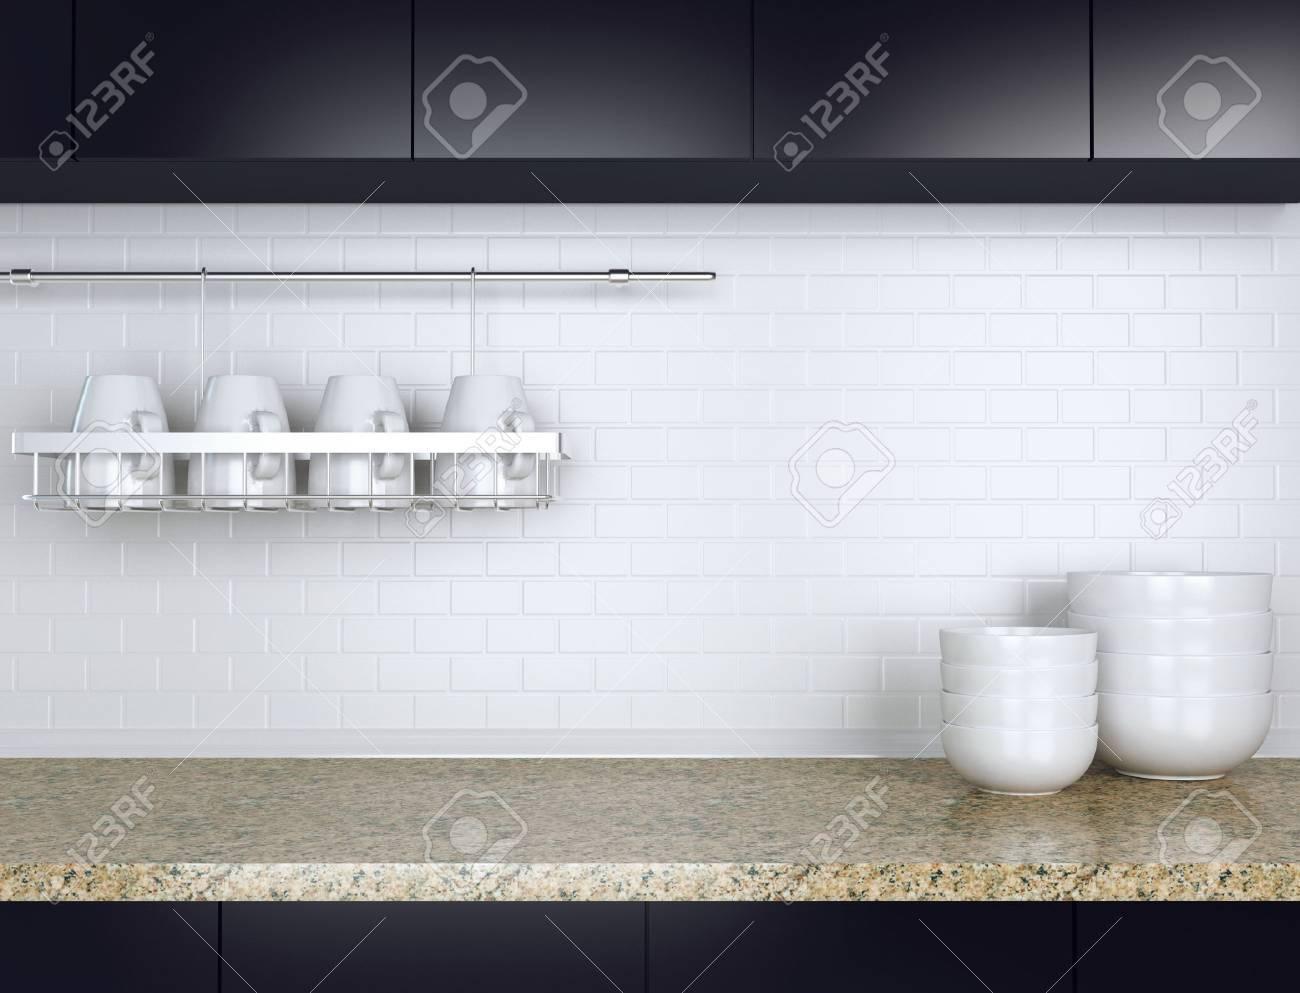 Keramik Geschirr Auf Dem Marmor Arbeitsplatte Schwarz Weiss Kuche